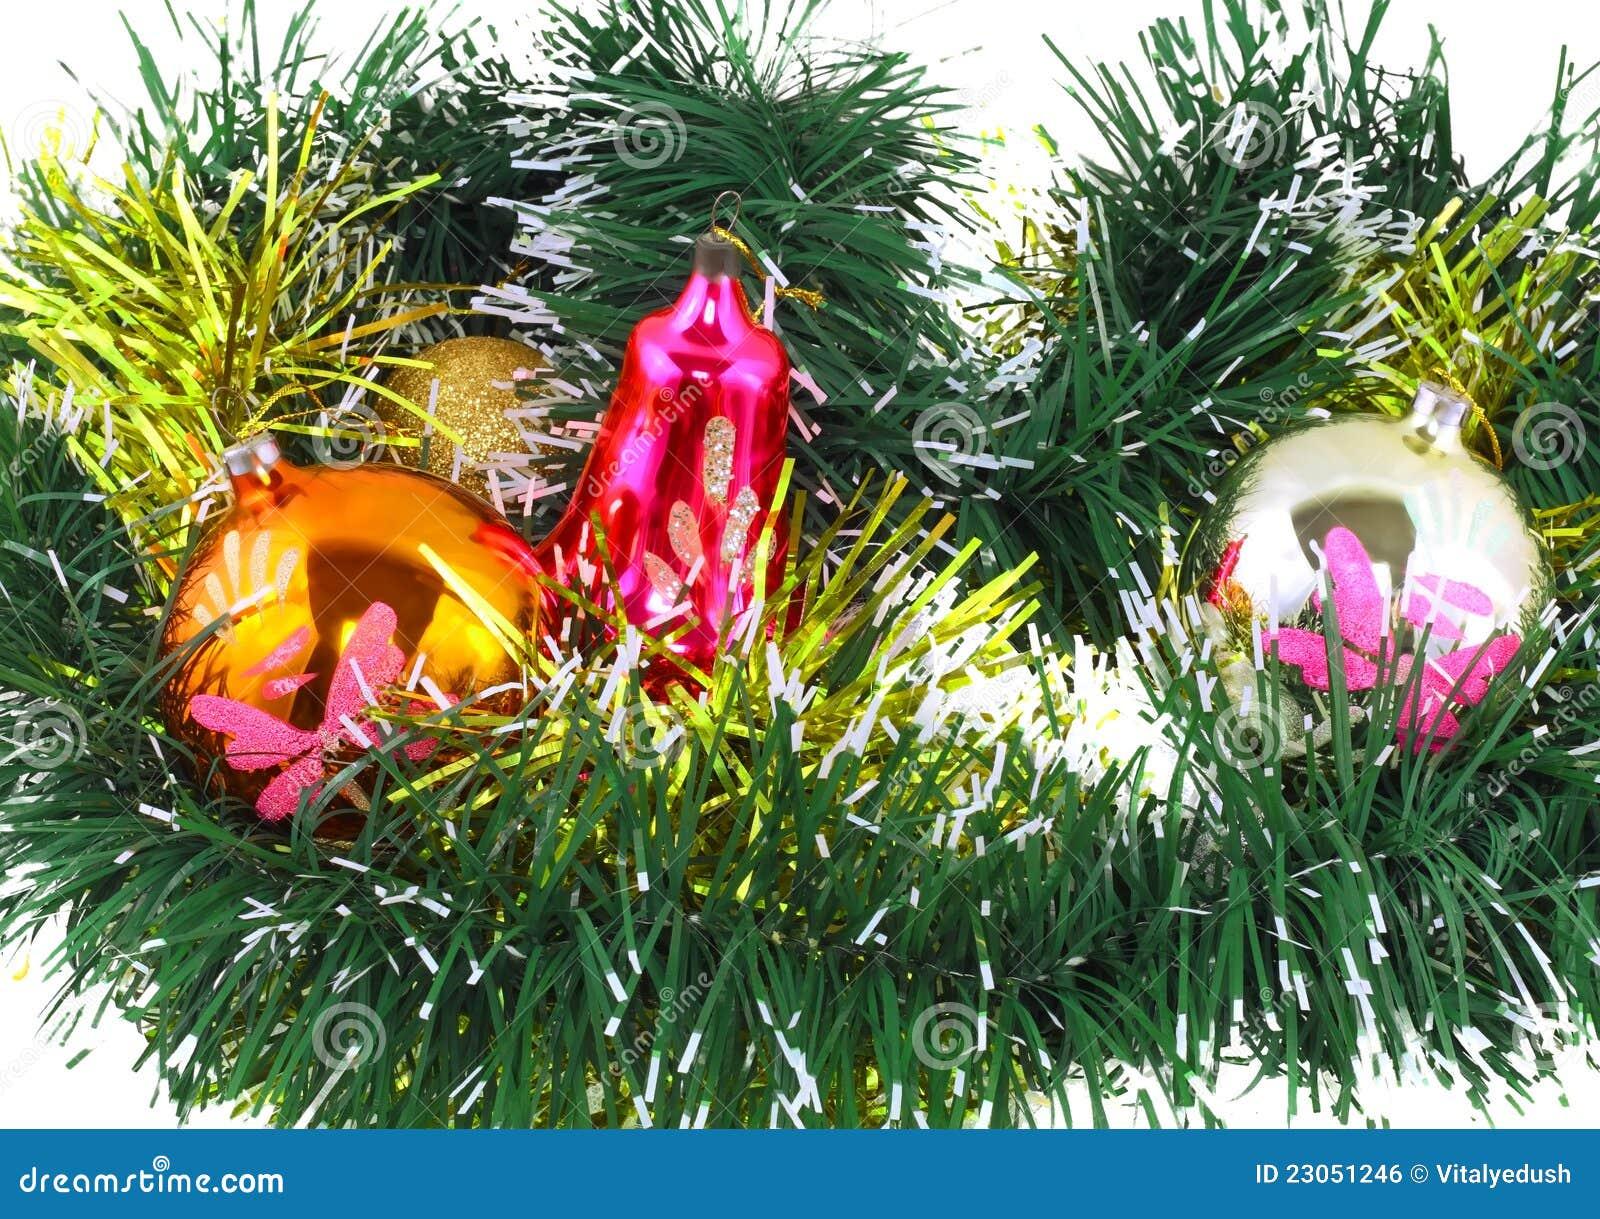 Citaten Kerstmis Nieuwjaar : Kerstmis nieuwjaar decoratie ballen groen klatergoud